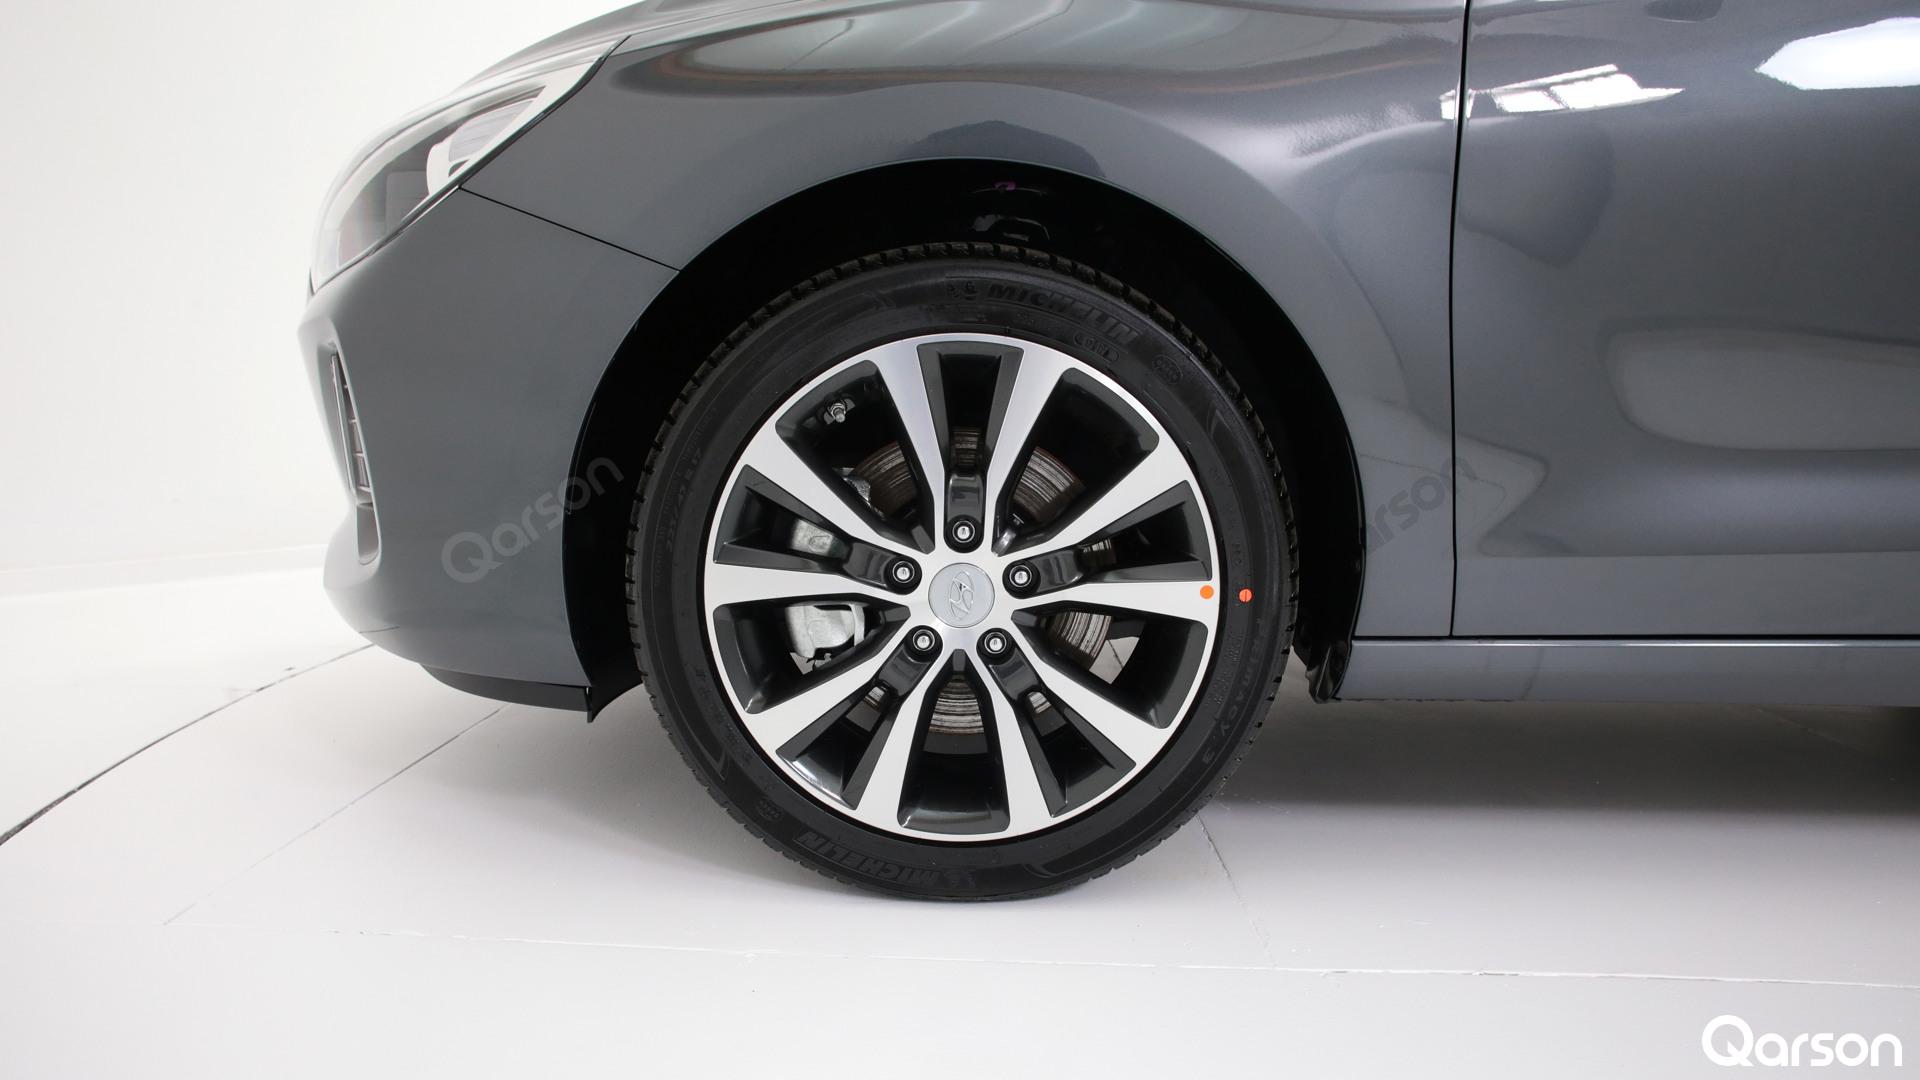 Hyundai I30 Iii 5d Benzyna W Abonamencie Sprawdź Ofertę Qarsona